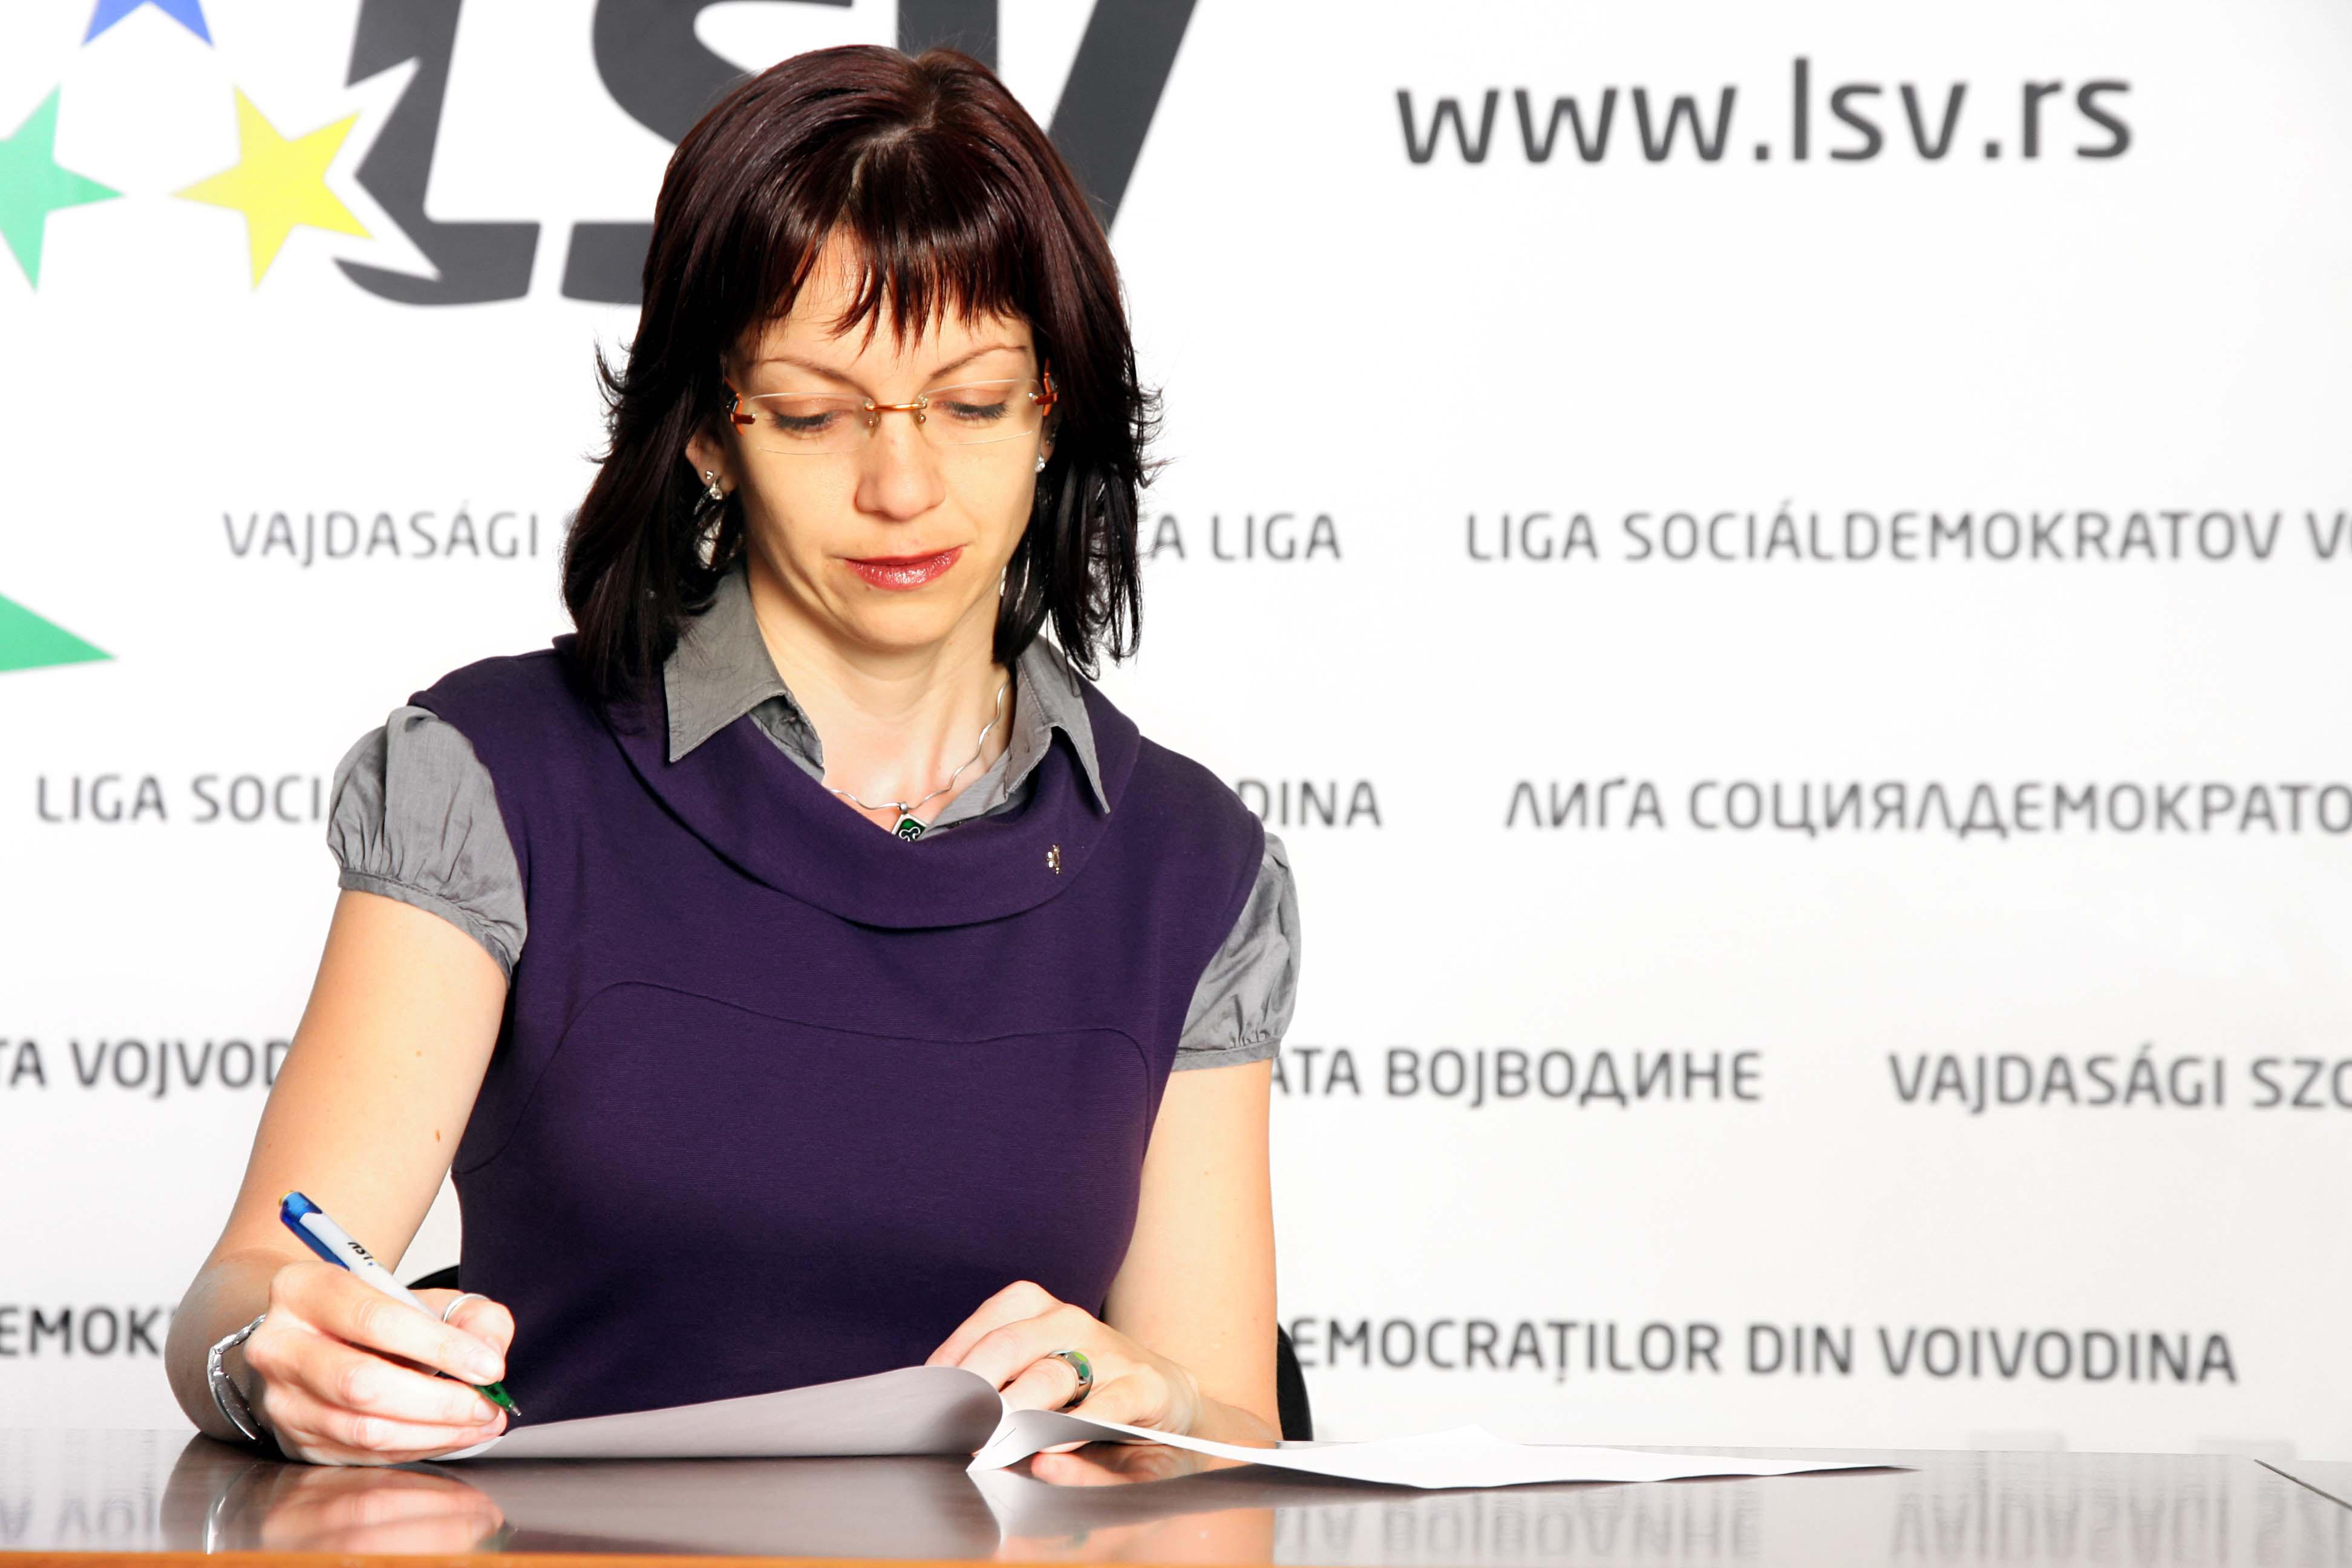 LSV: Neka NIS plati višu rudnu rentu – umesto što Čepurin drži lekcije